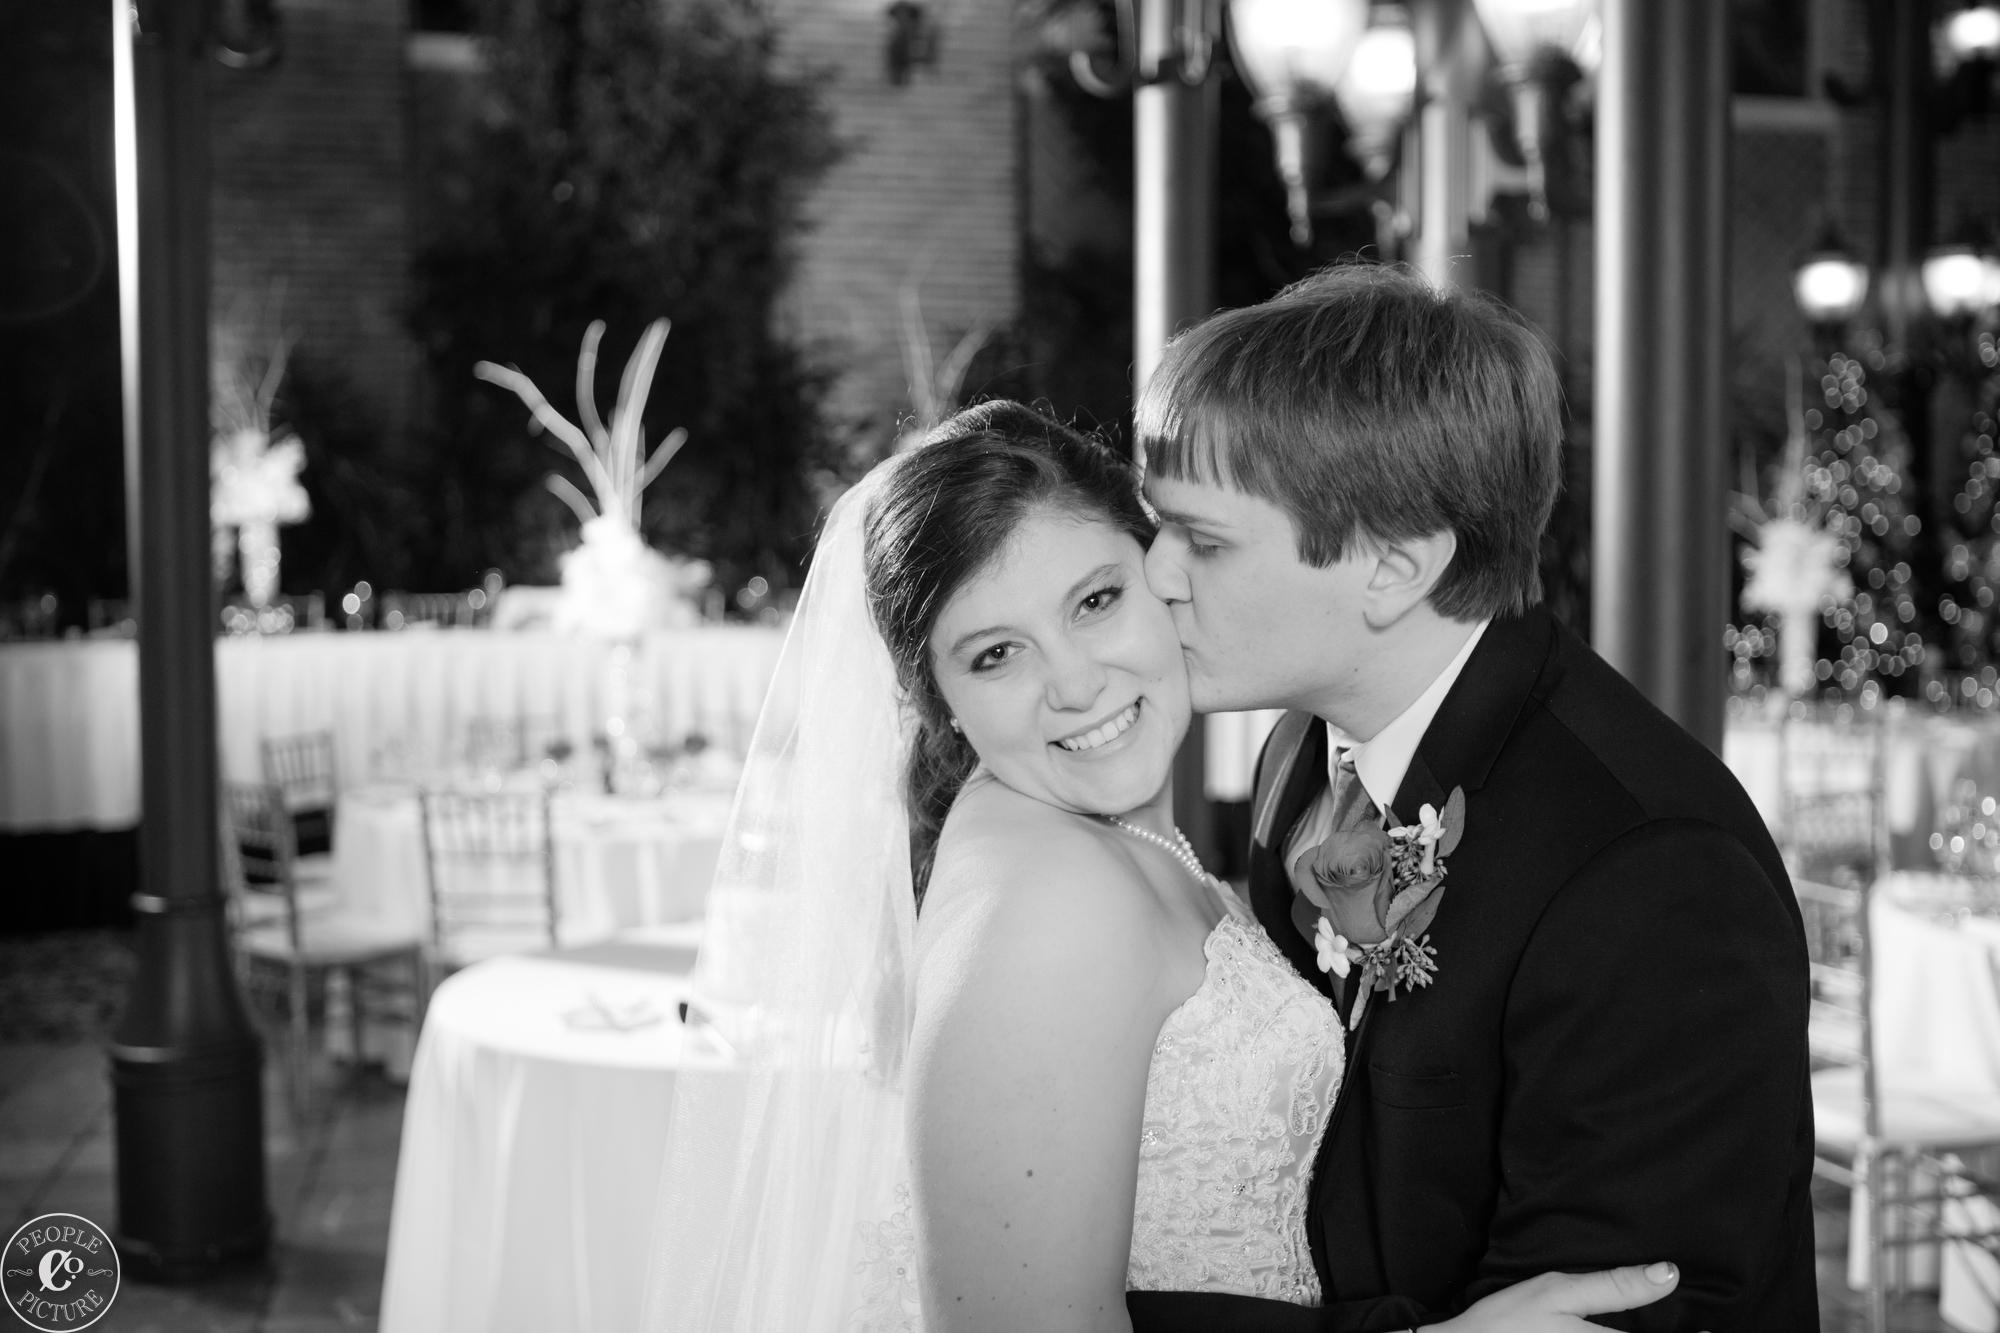 wedding-3567-2.jpg